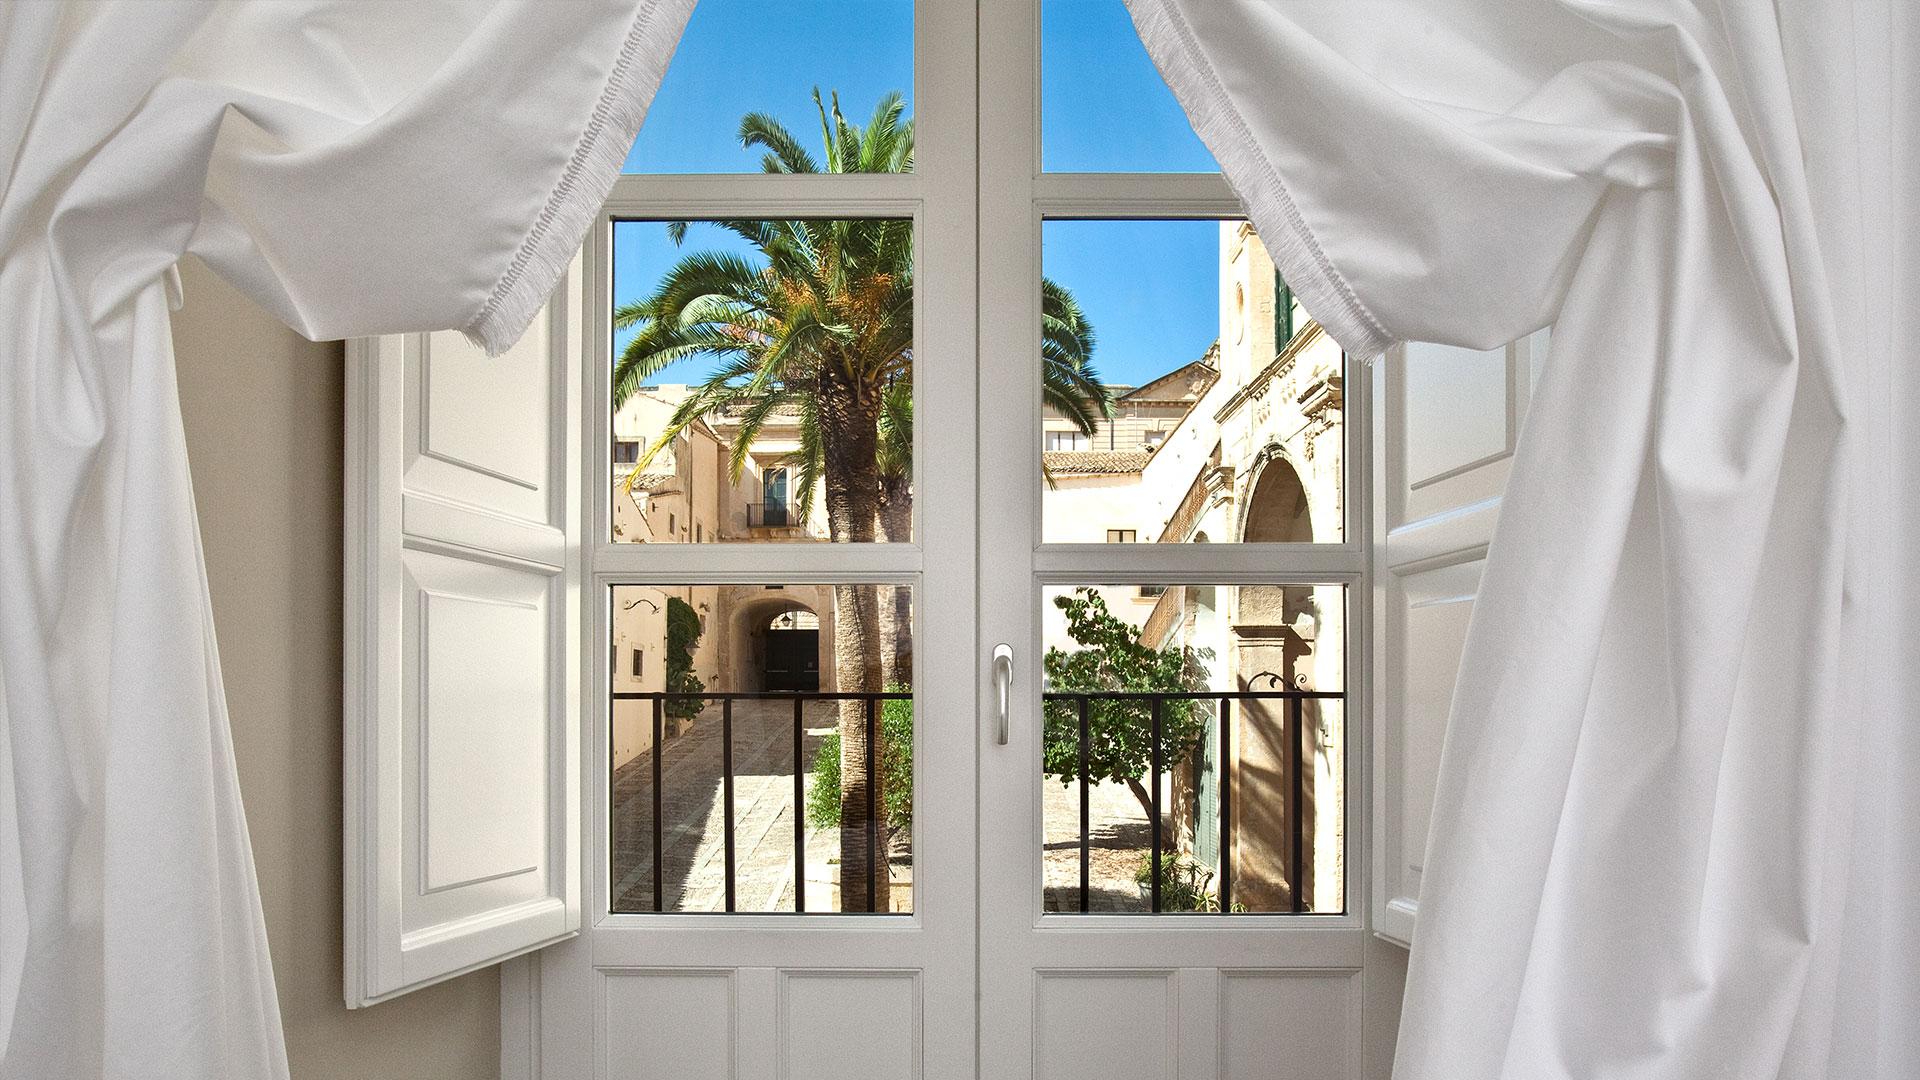 Camere suites seven rooms villadorata palazzo nicolaci for Piani di casa con due master suite al primo piano